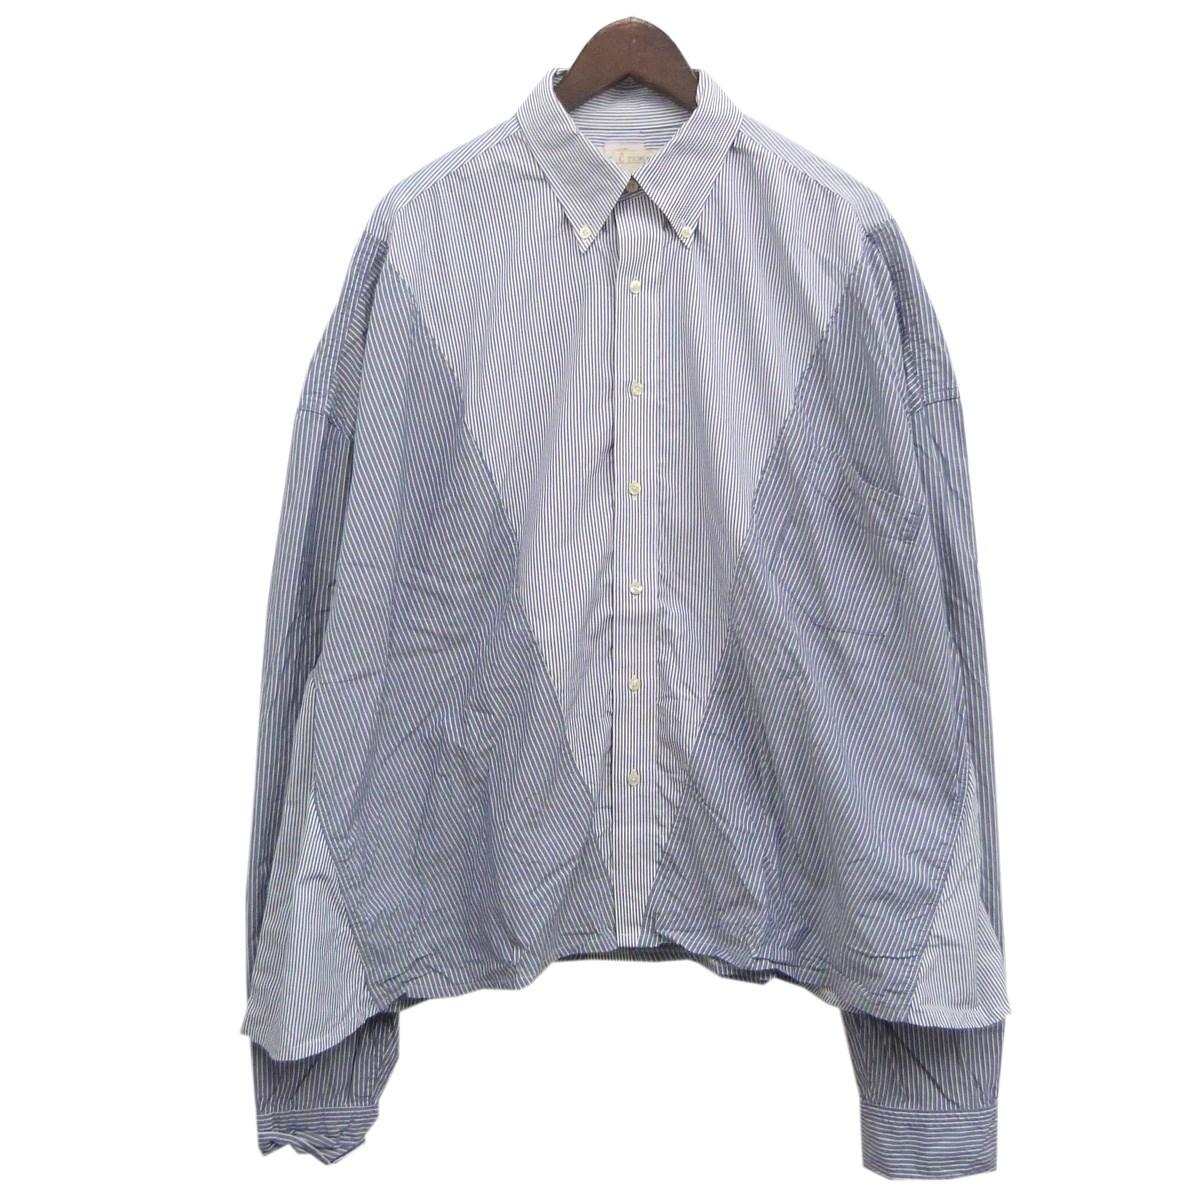 【中古】77circa リメイクストライプシャツ ブルー サイズ:F 【160320】(ナナナナサーカ)